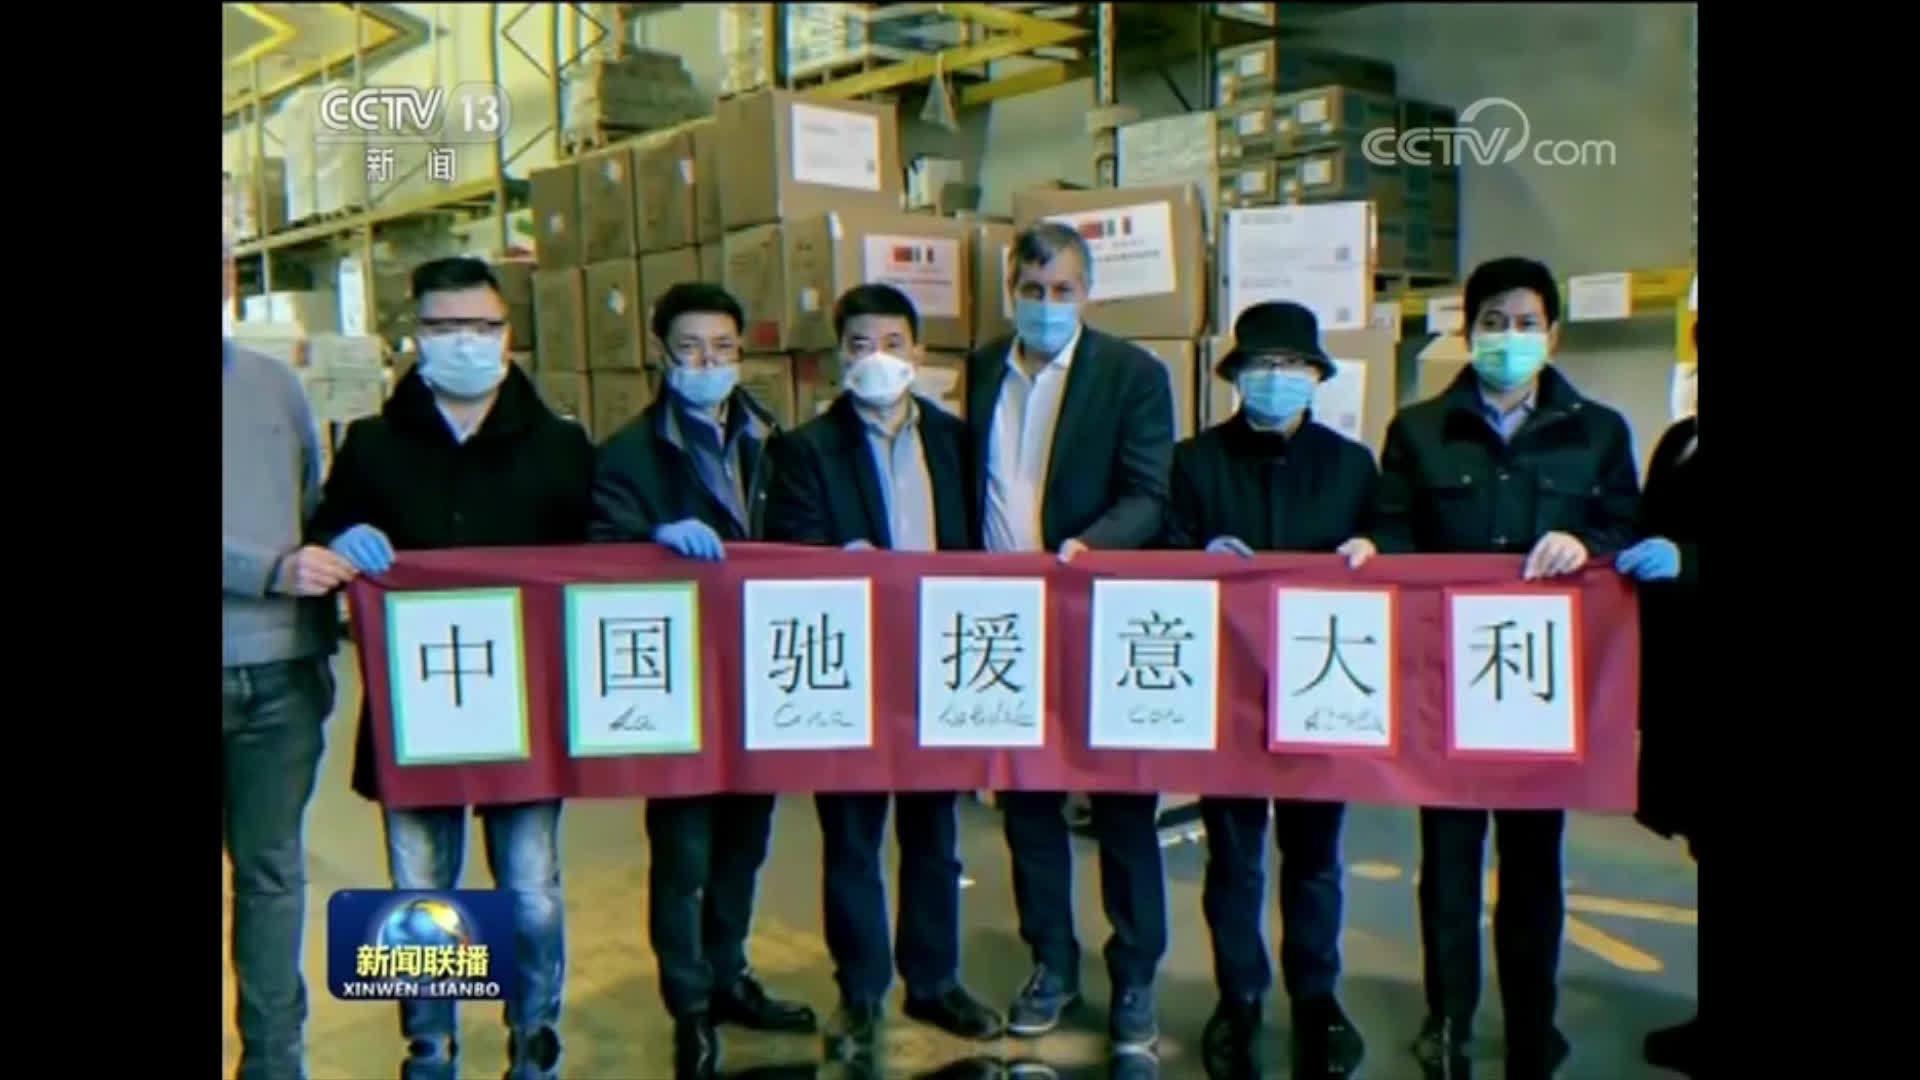 总台央视中文国际频道:聚焦疫情 服务全球华语受众